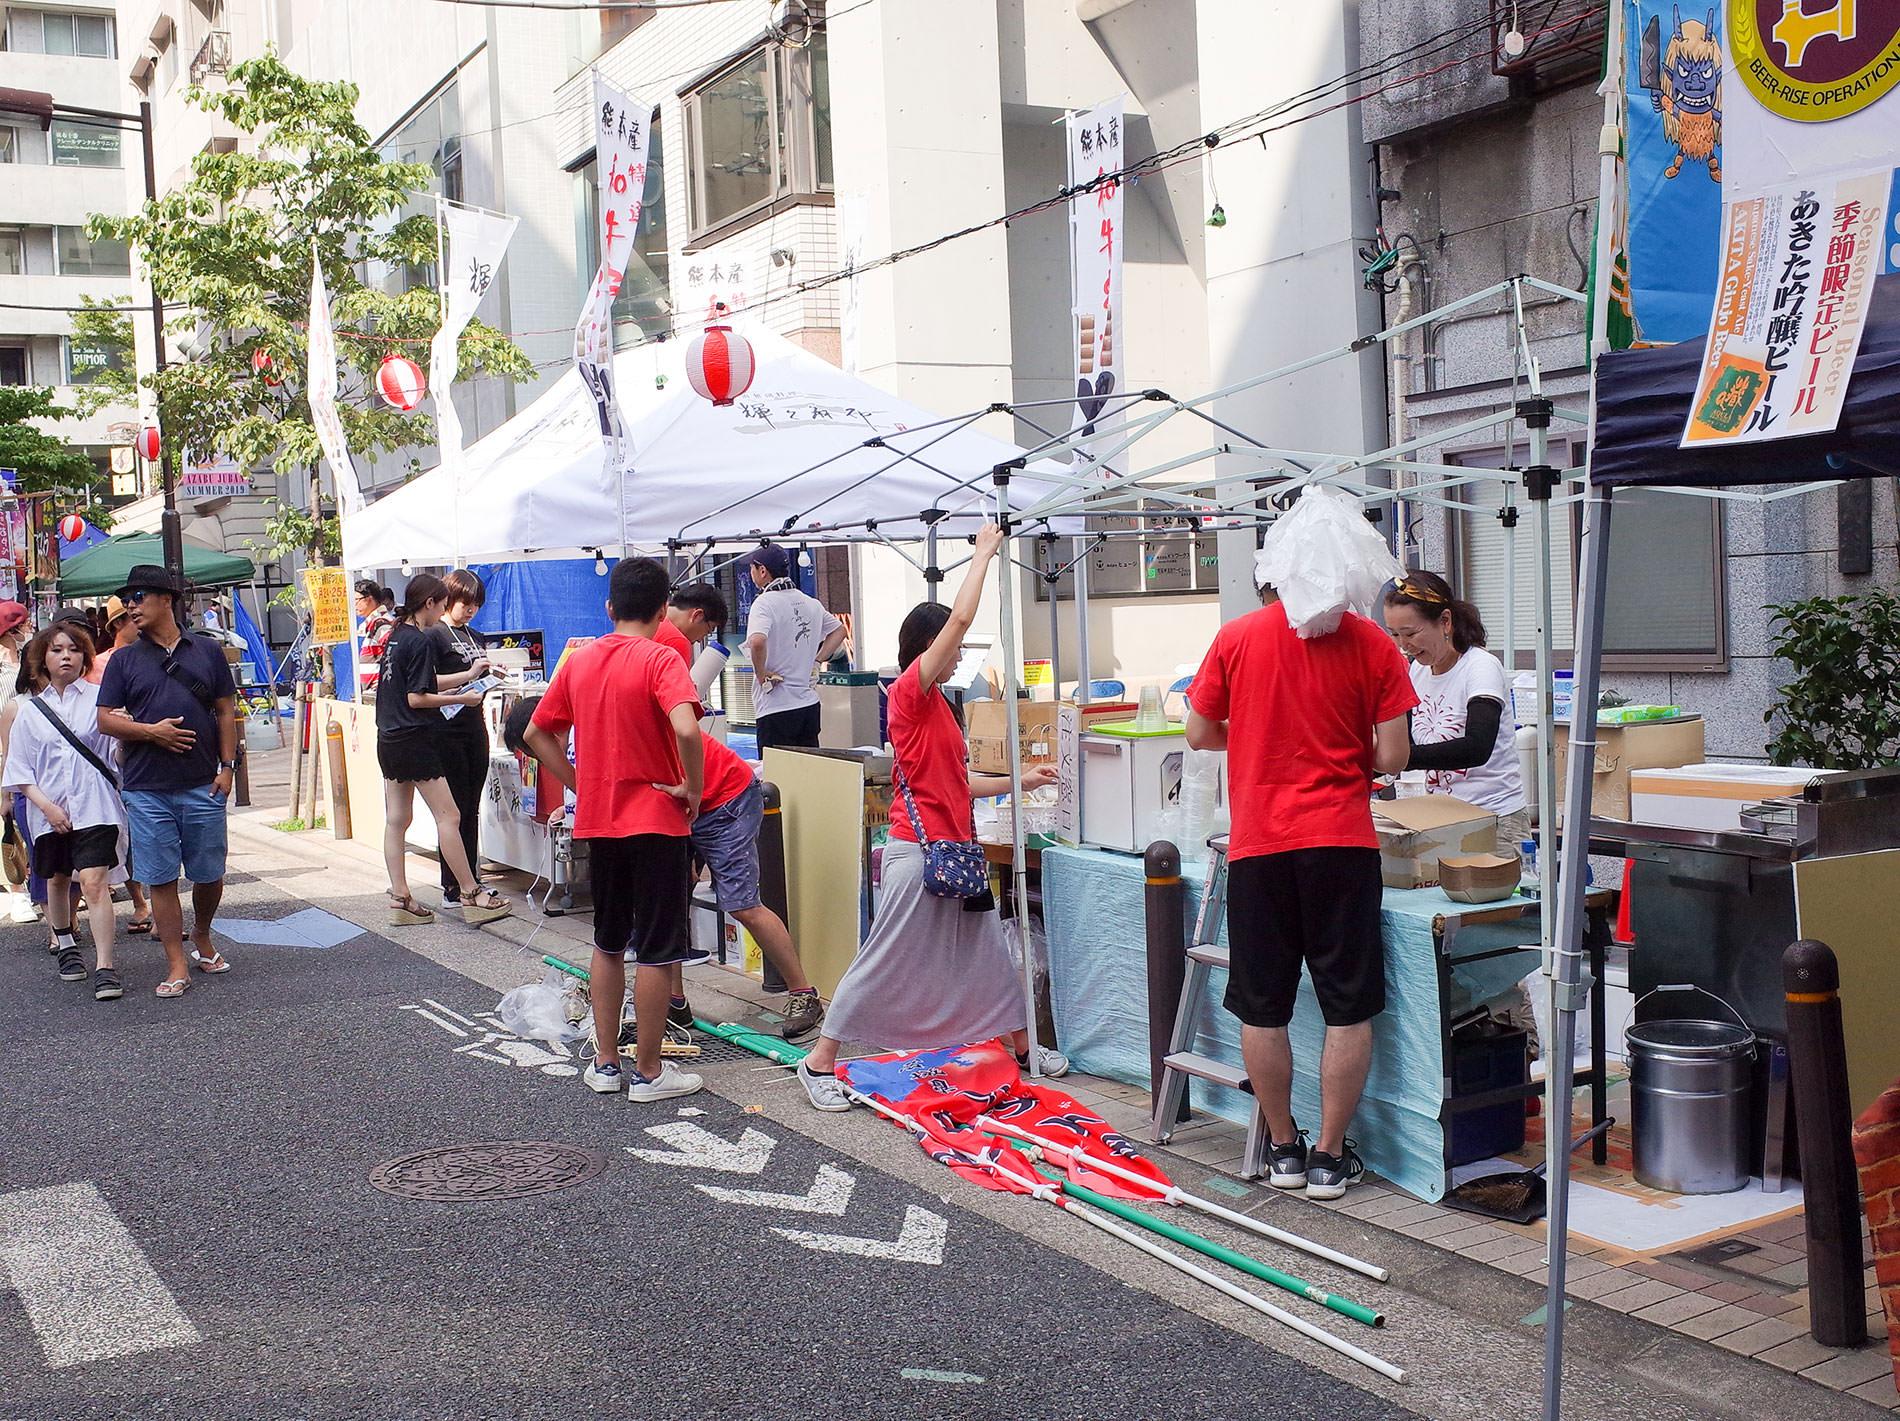 麻布十番祭り/ Azabu  Juban Summer Festiva 2019